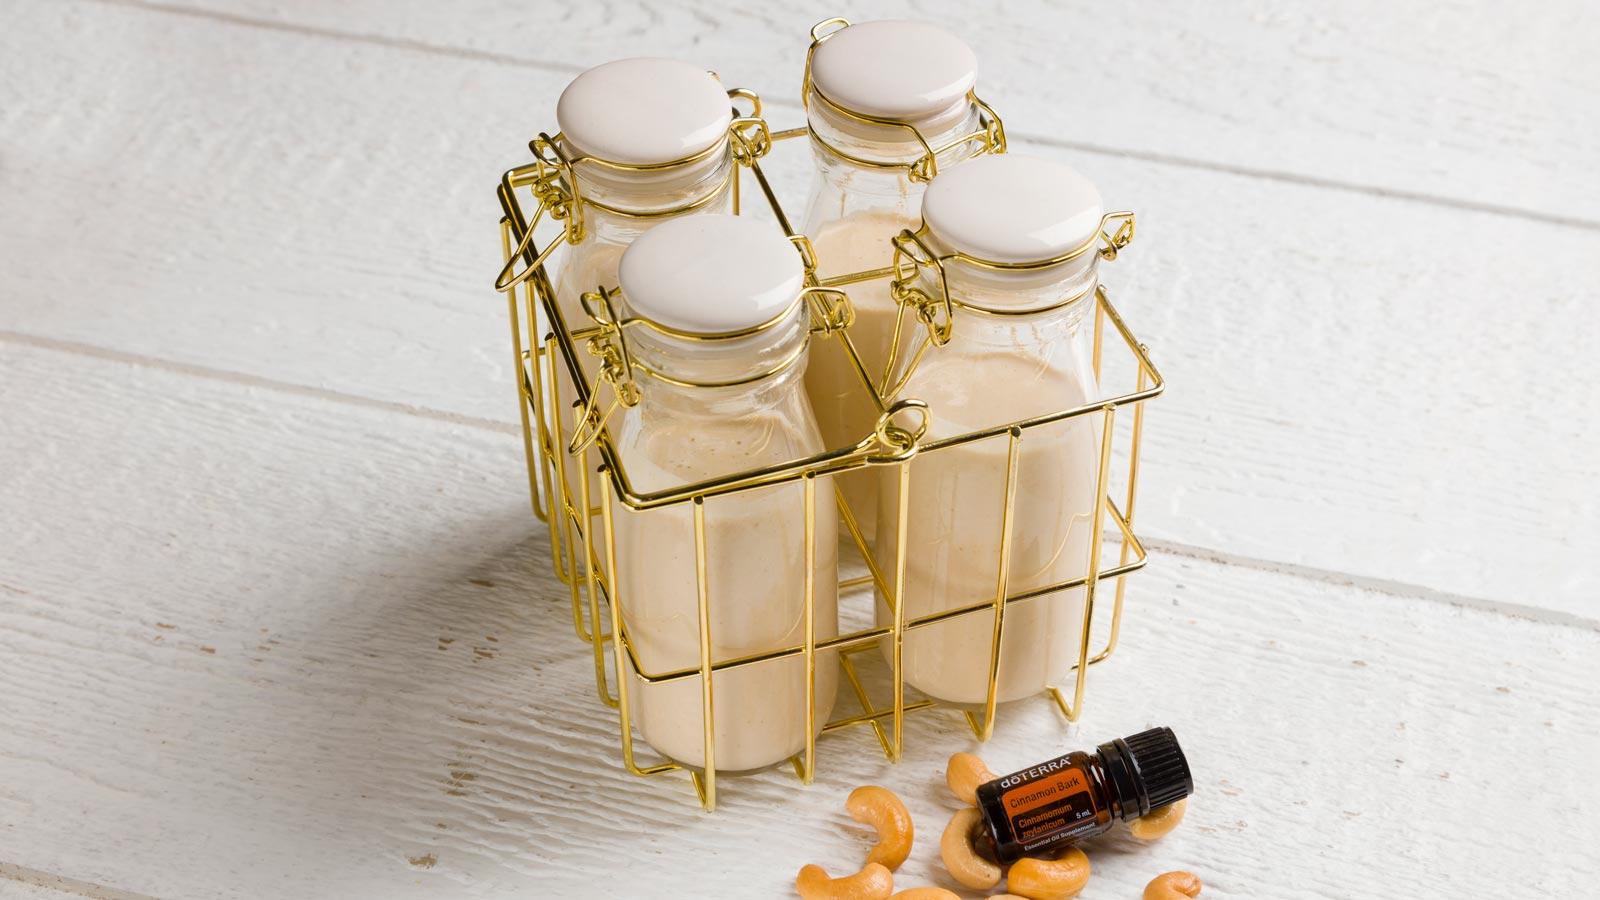 https://www.doterra.com/medias/16x9-1600x900-cashew-nut-milk-us-en-web.jpg?context=bWFzdGVyfGltYWdlc3wxNTE2NjJ8aW1hZ2UvanBlZ3xpbWFnZXMvaDYxL2hlZS85MTY4Njk2OTAxNjYyLmpwZ3xmYzcyZTgxNjVhNDNkN2Y1NGQ1ZWRjMzgxYmE4Mjg2ODg1YmM0ODI0ODJlNTJiZTg3NjNhMWI0ODY4NzNjYzg5